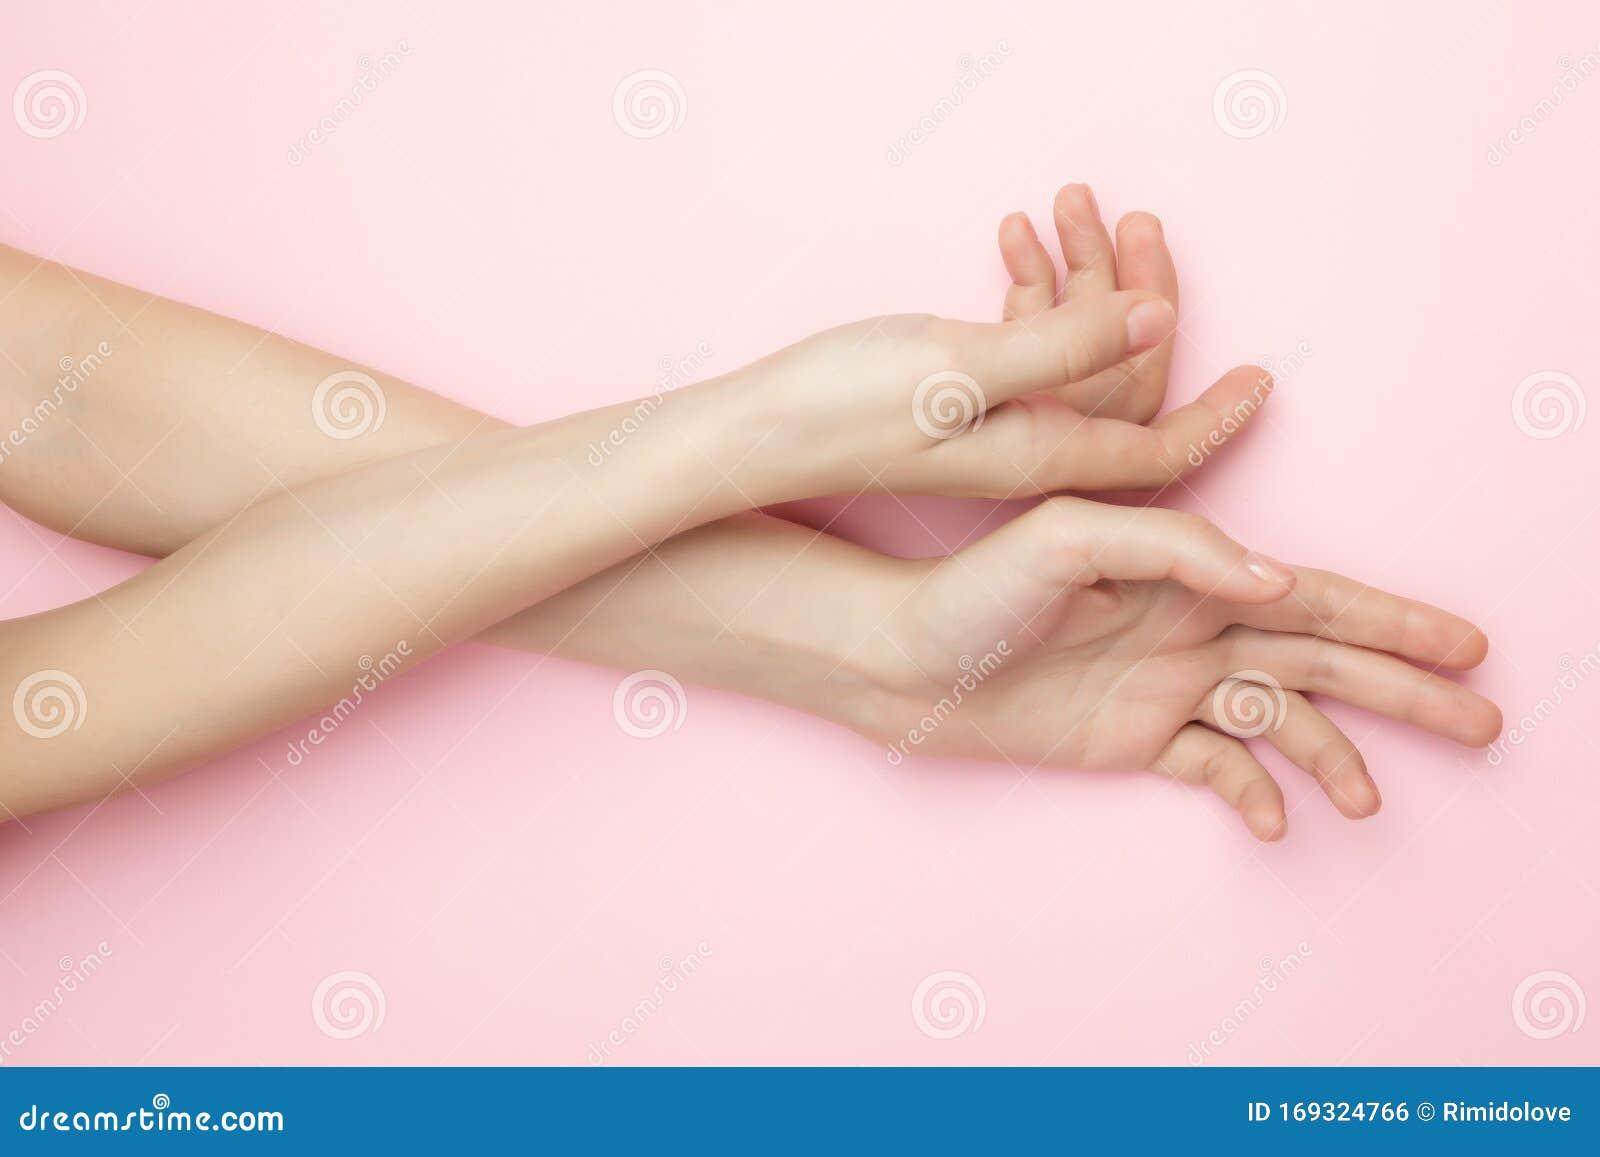 Handgelenke dünne Instabilität des